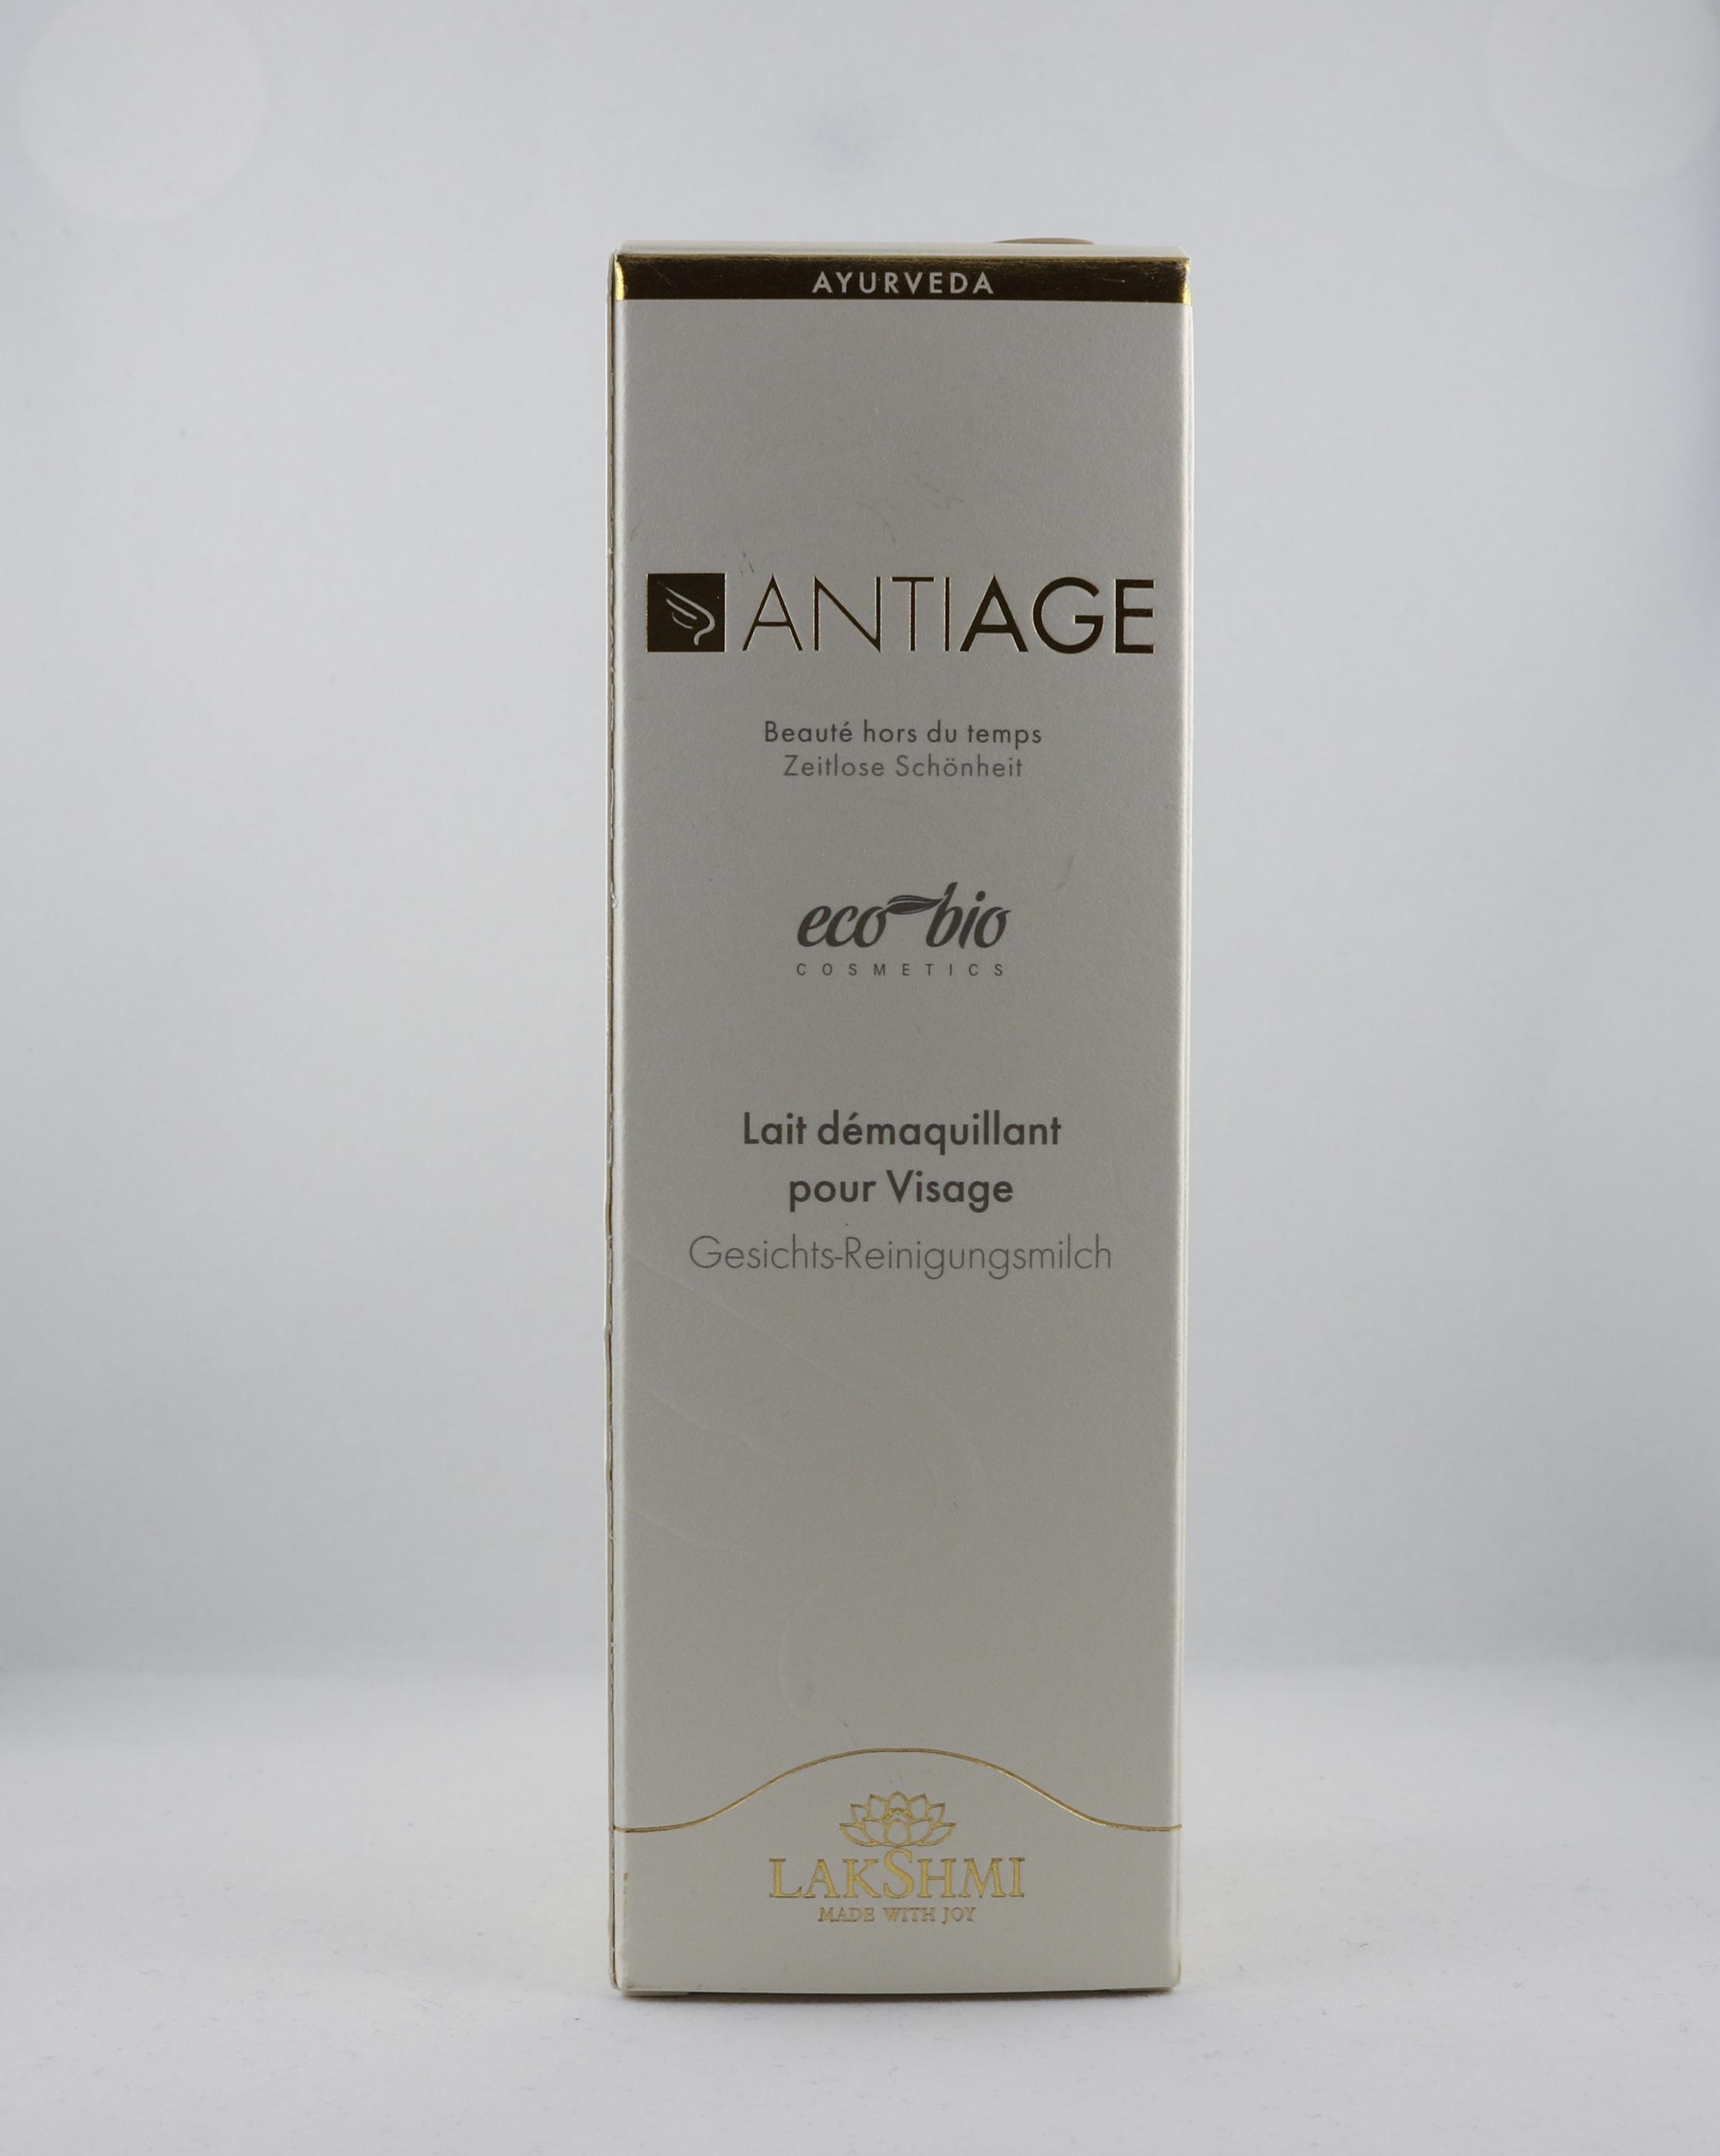 Anti-Age Face Cleansing Milk hudvårdsprodukt hudvårdstyp alternativ hälsa wellness ayurveda Lakshmi